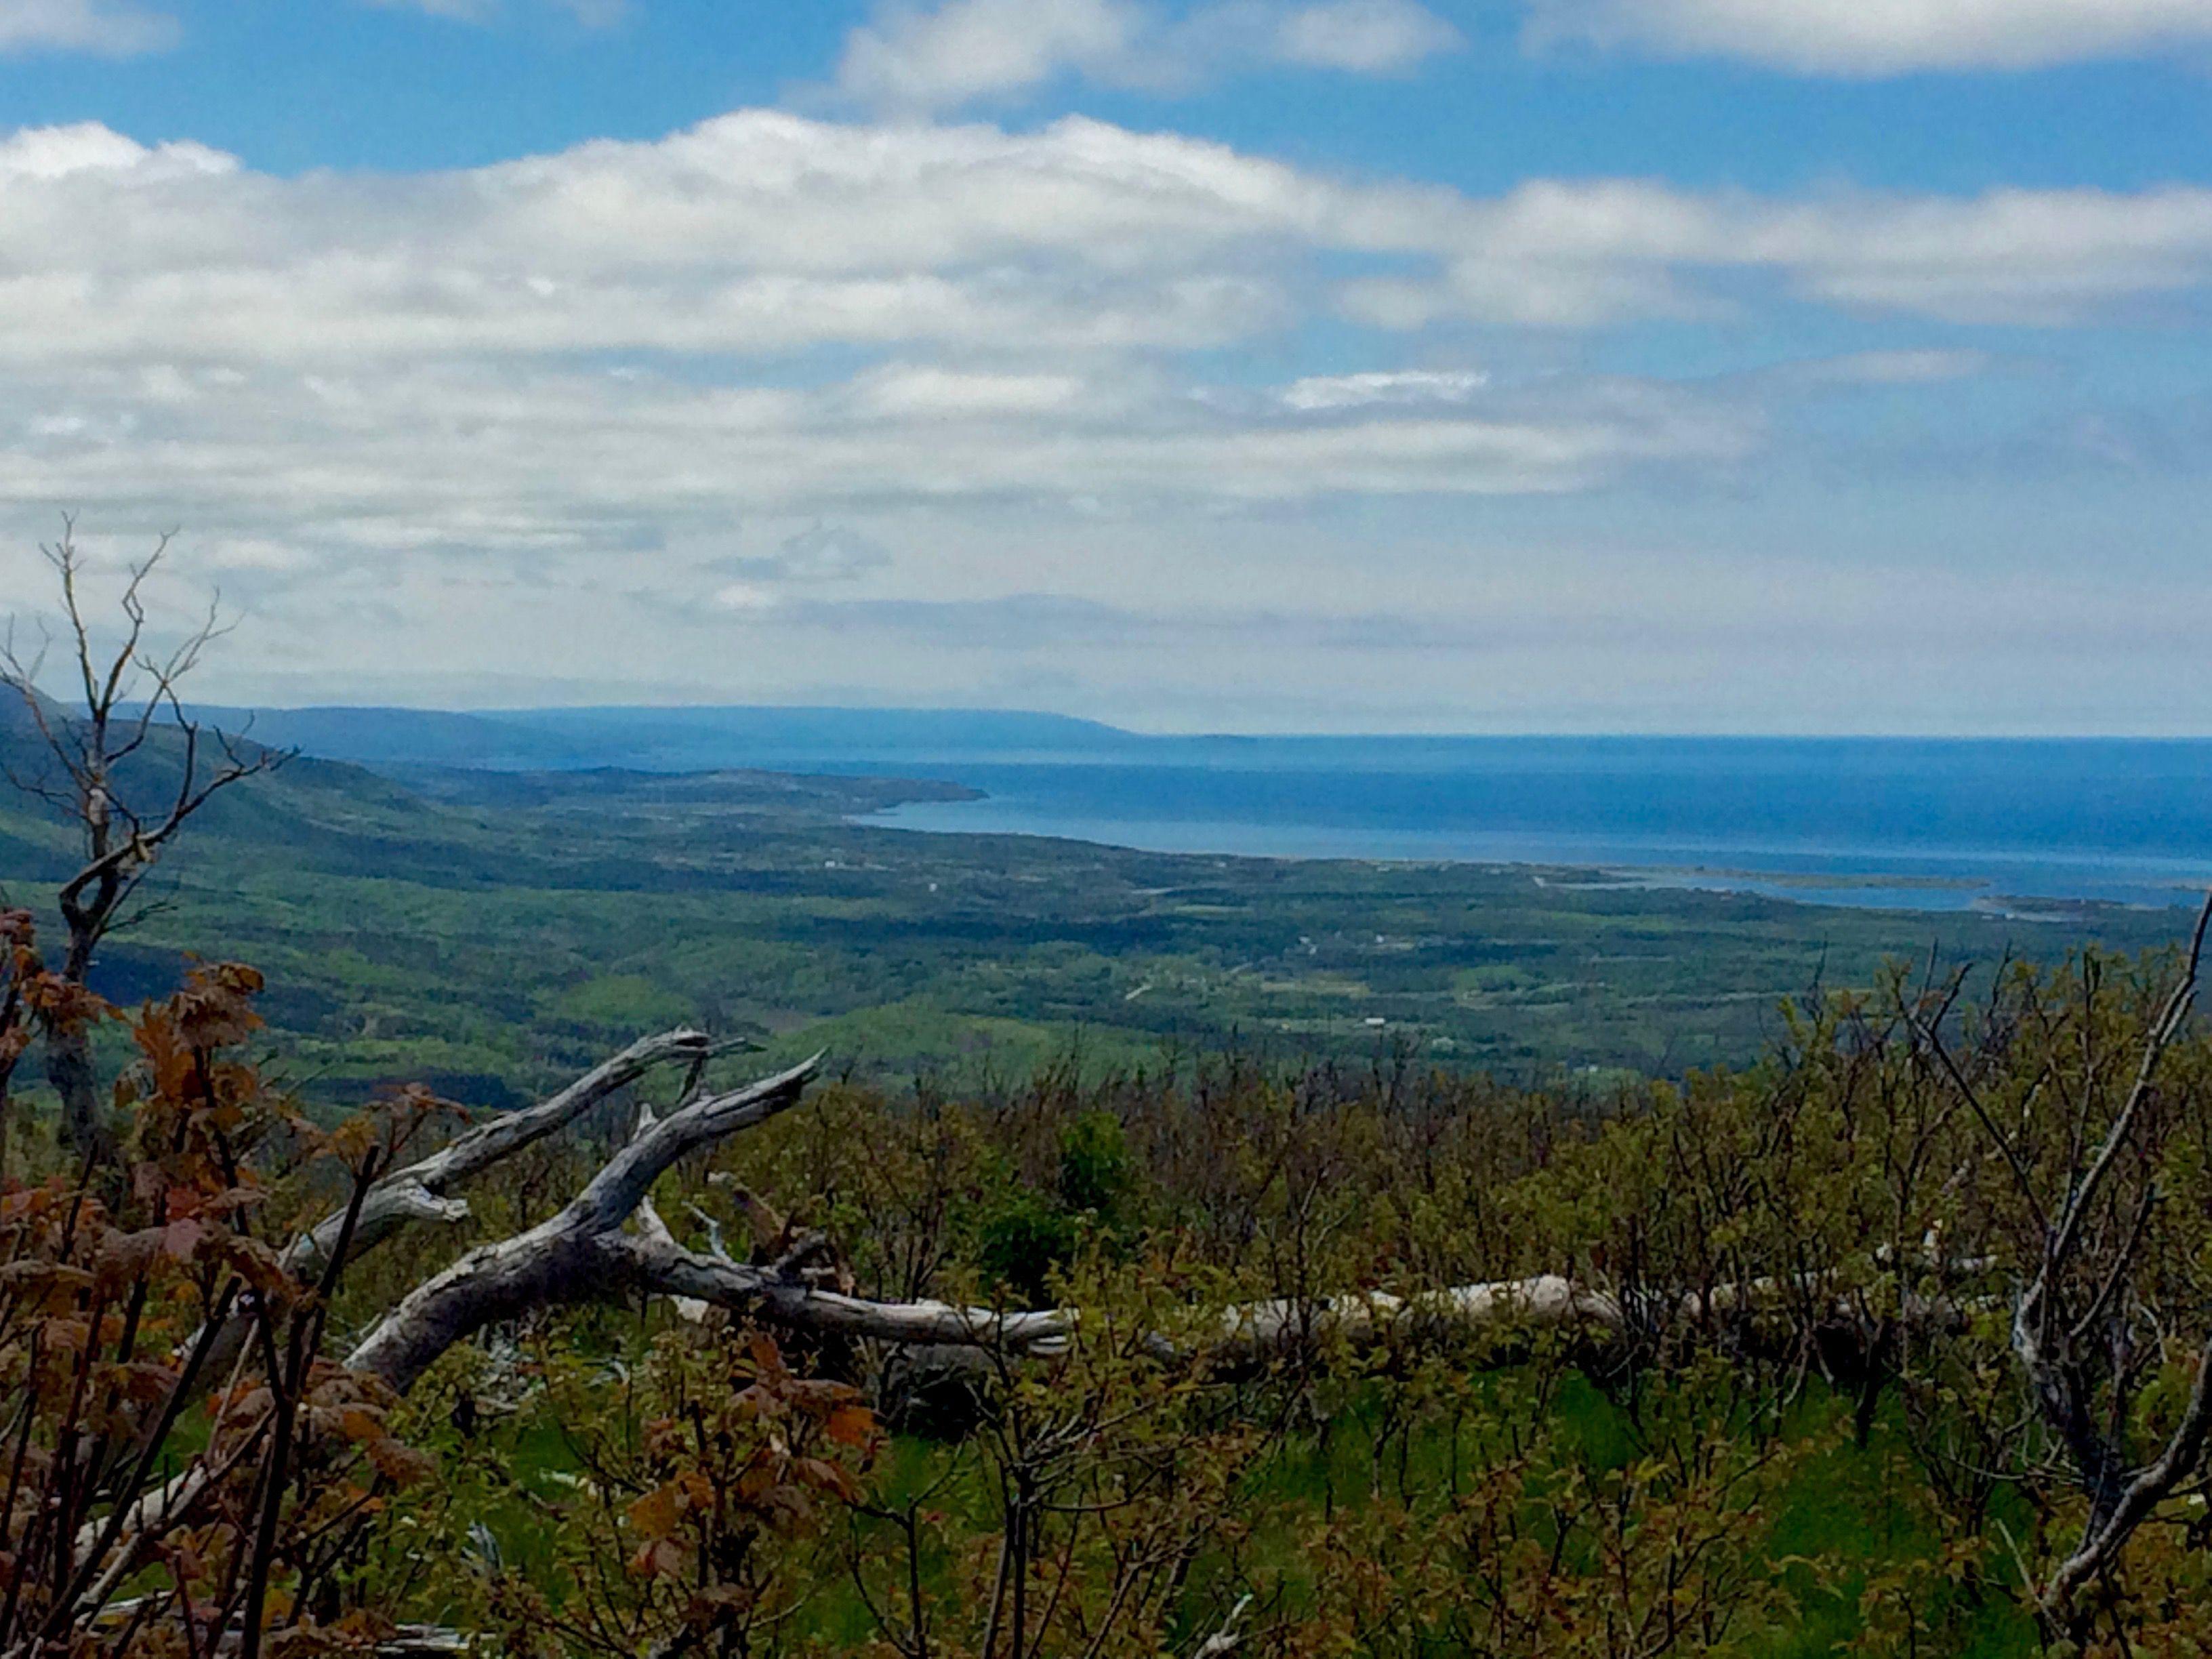 Cape Breton National Highlands Park